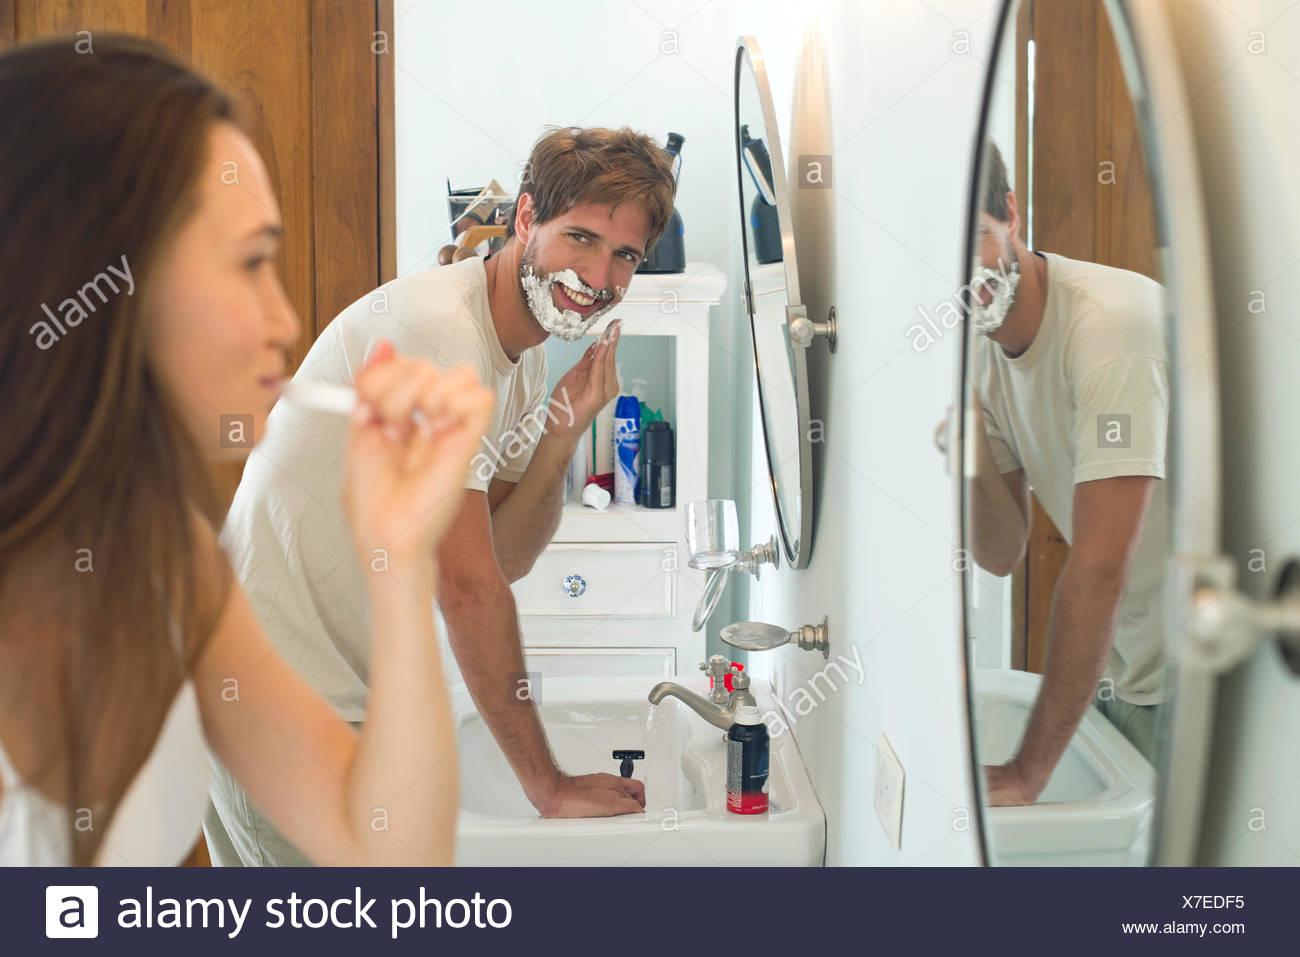 La donna la spazzolatura dei denti, marito la rasatura Immagini Stock